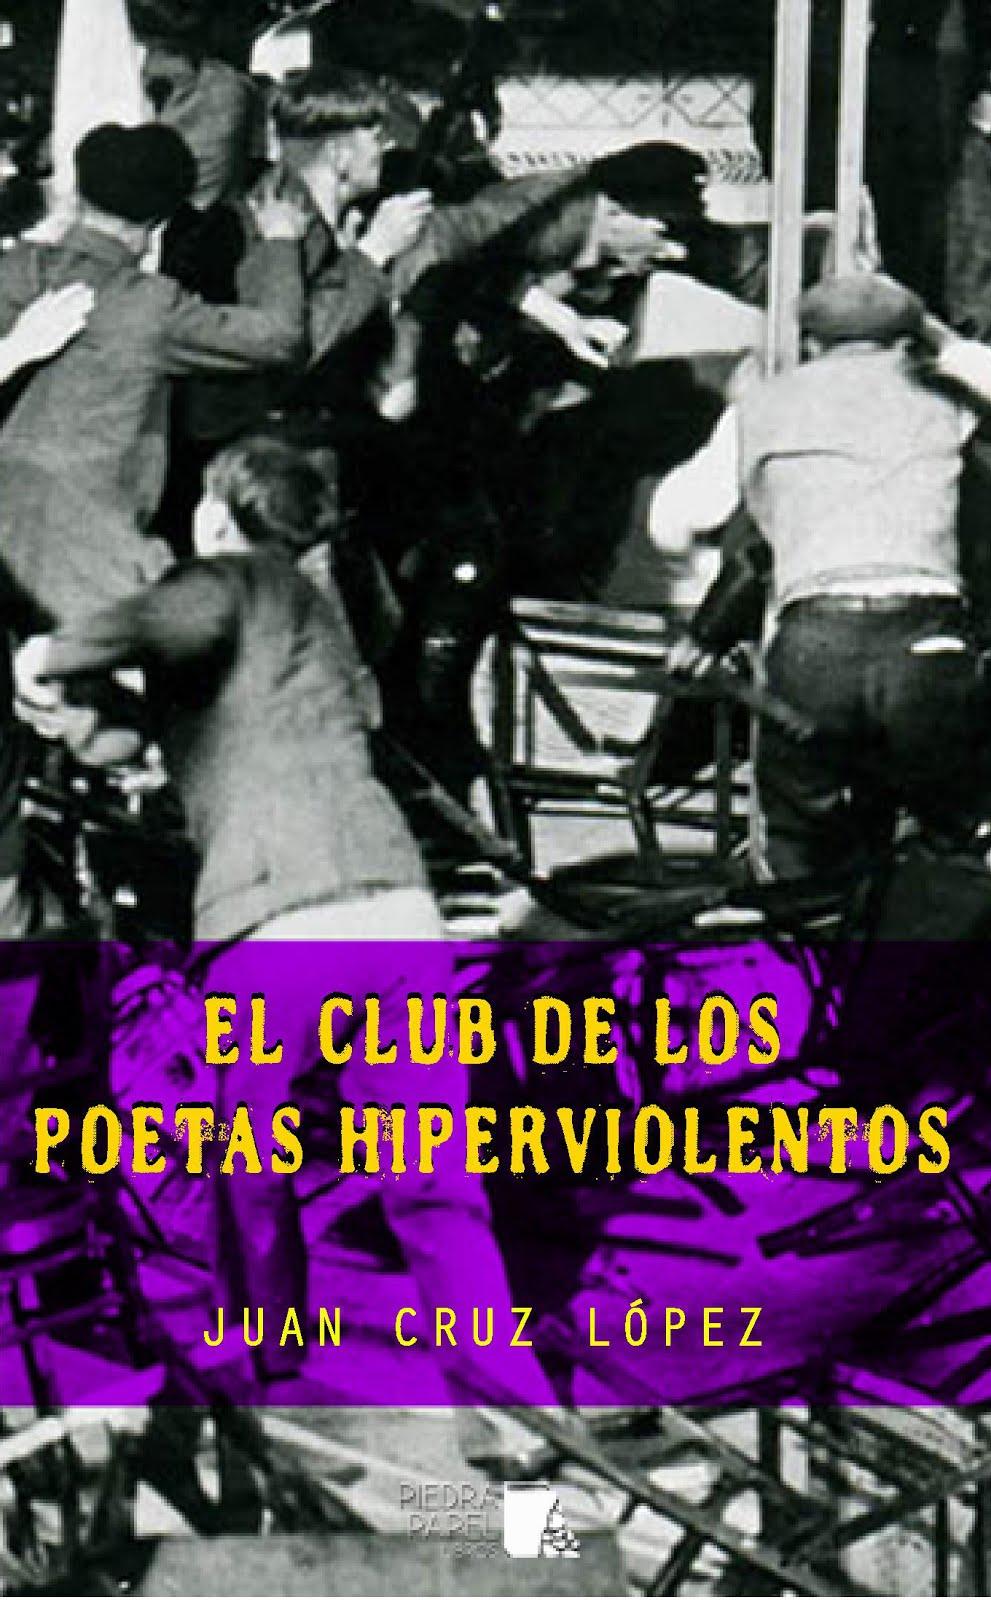 El Club de los Poetas Hiperviolentos